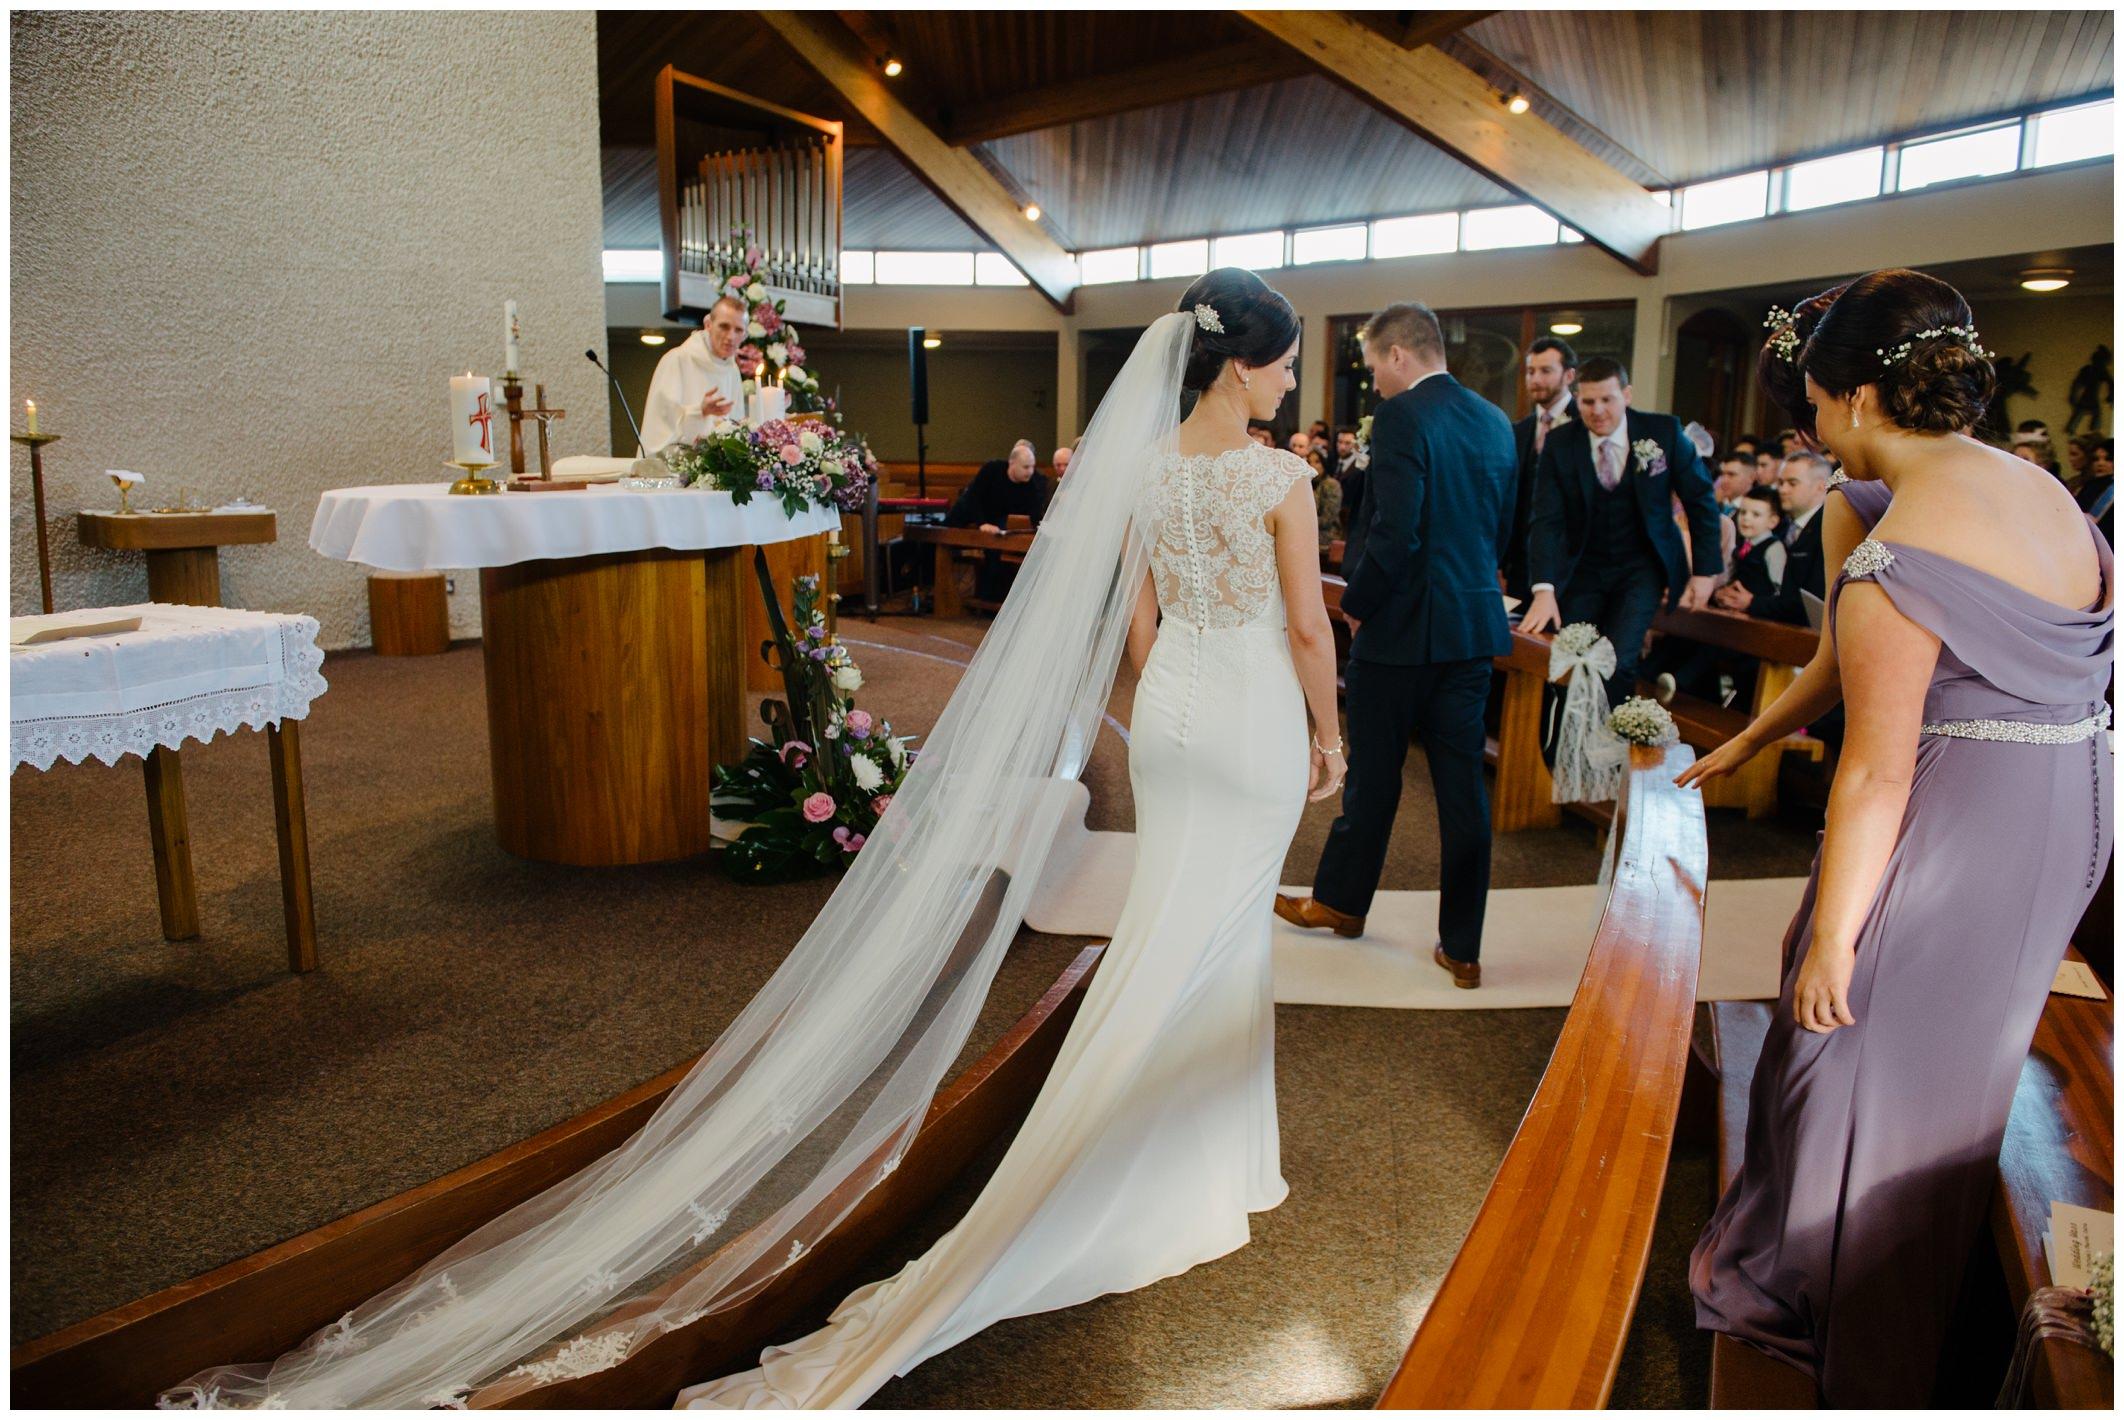 nicola_colm_villa_rose_wedding_jude_browne_photography_0041.jpg